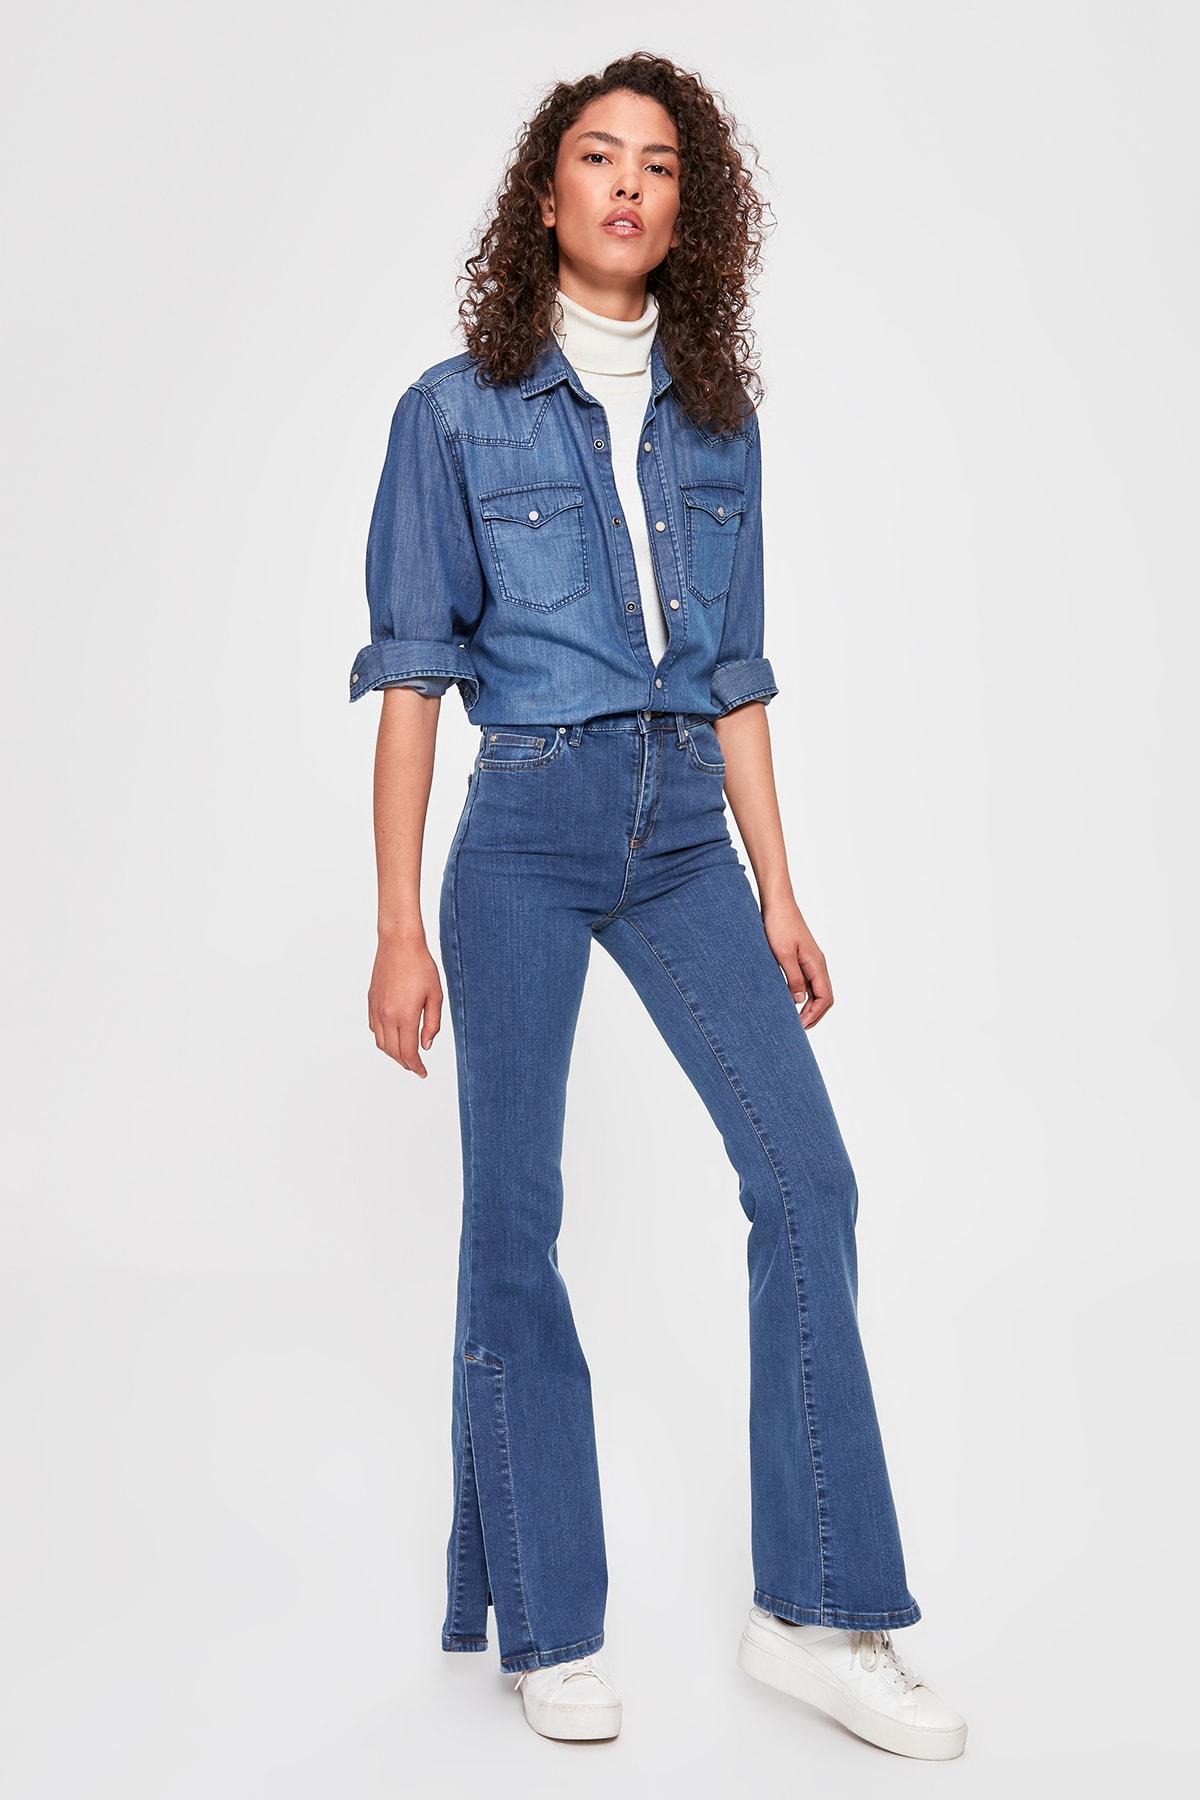 Trendyol Slit High Waist Flare Jeans TWOAW20JE0170